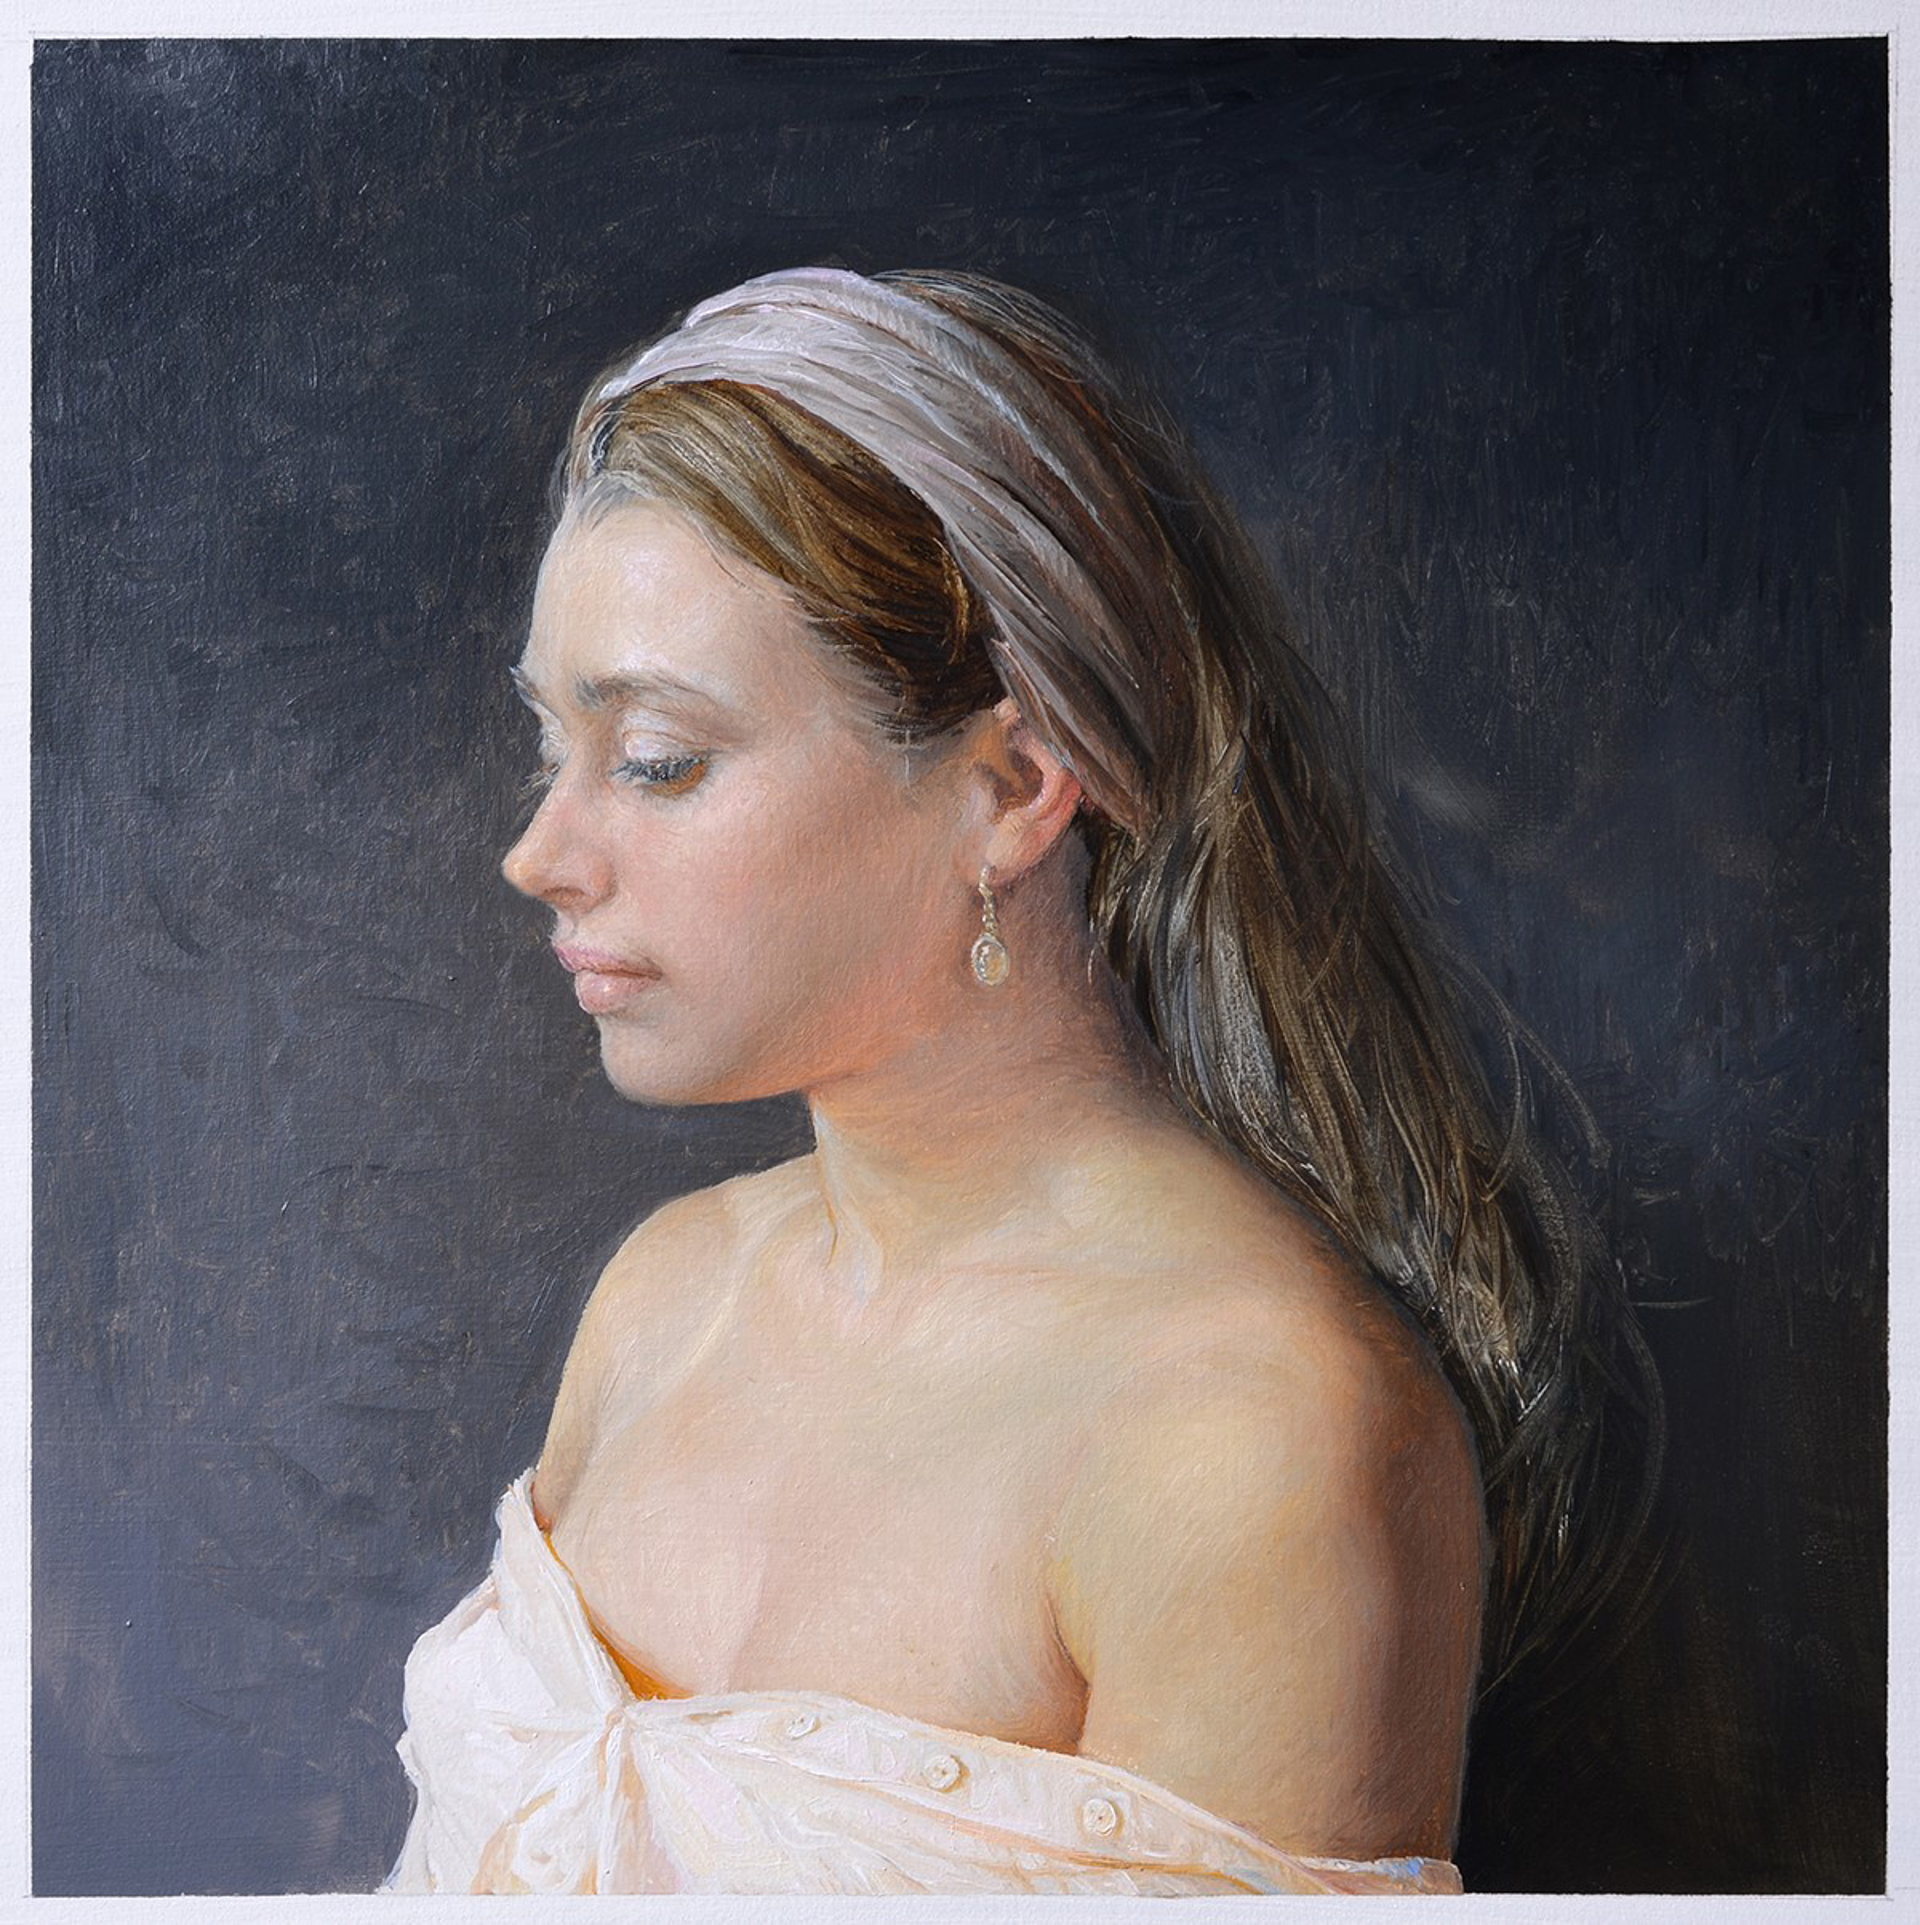 Untitled by Serge Marshennikov